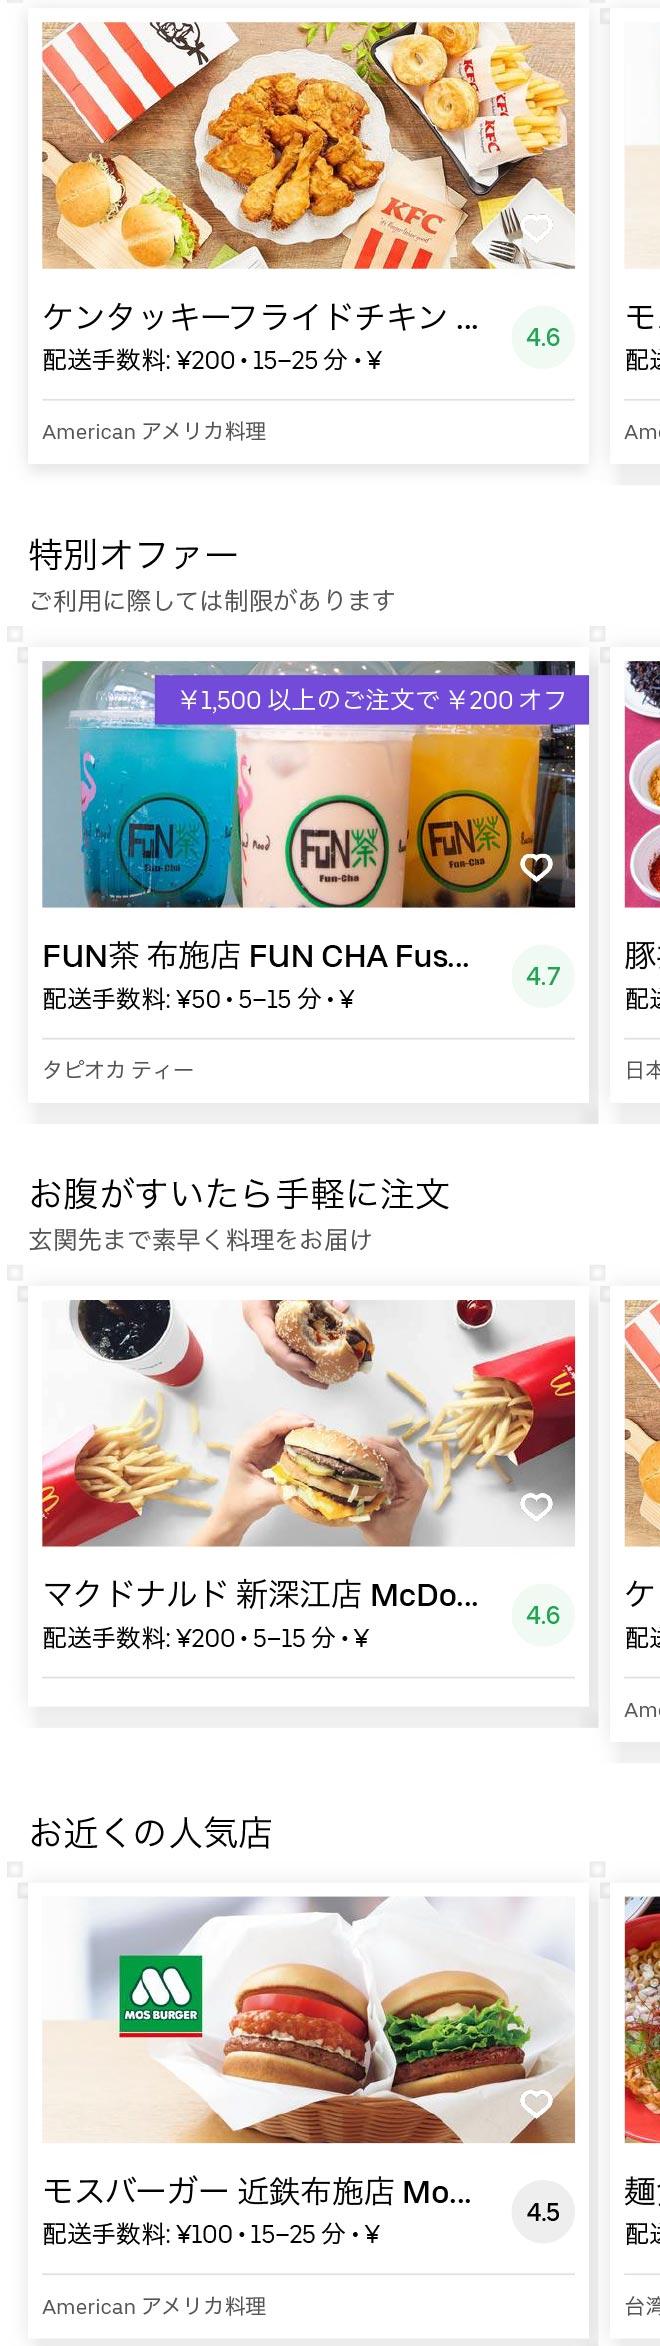 Higashi osaka fuse menu 2005 01